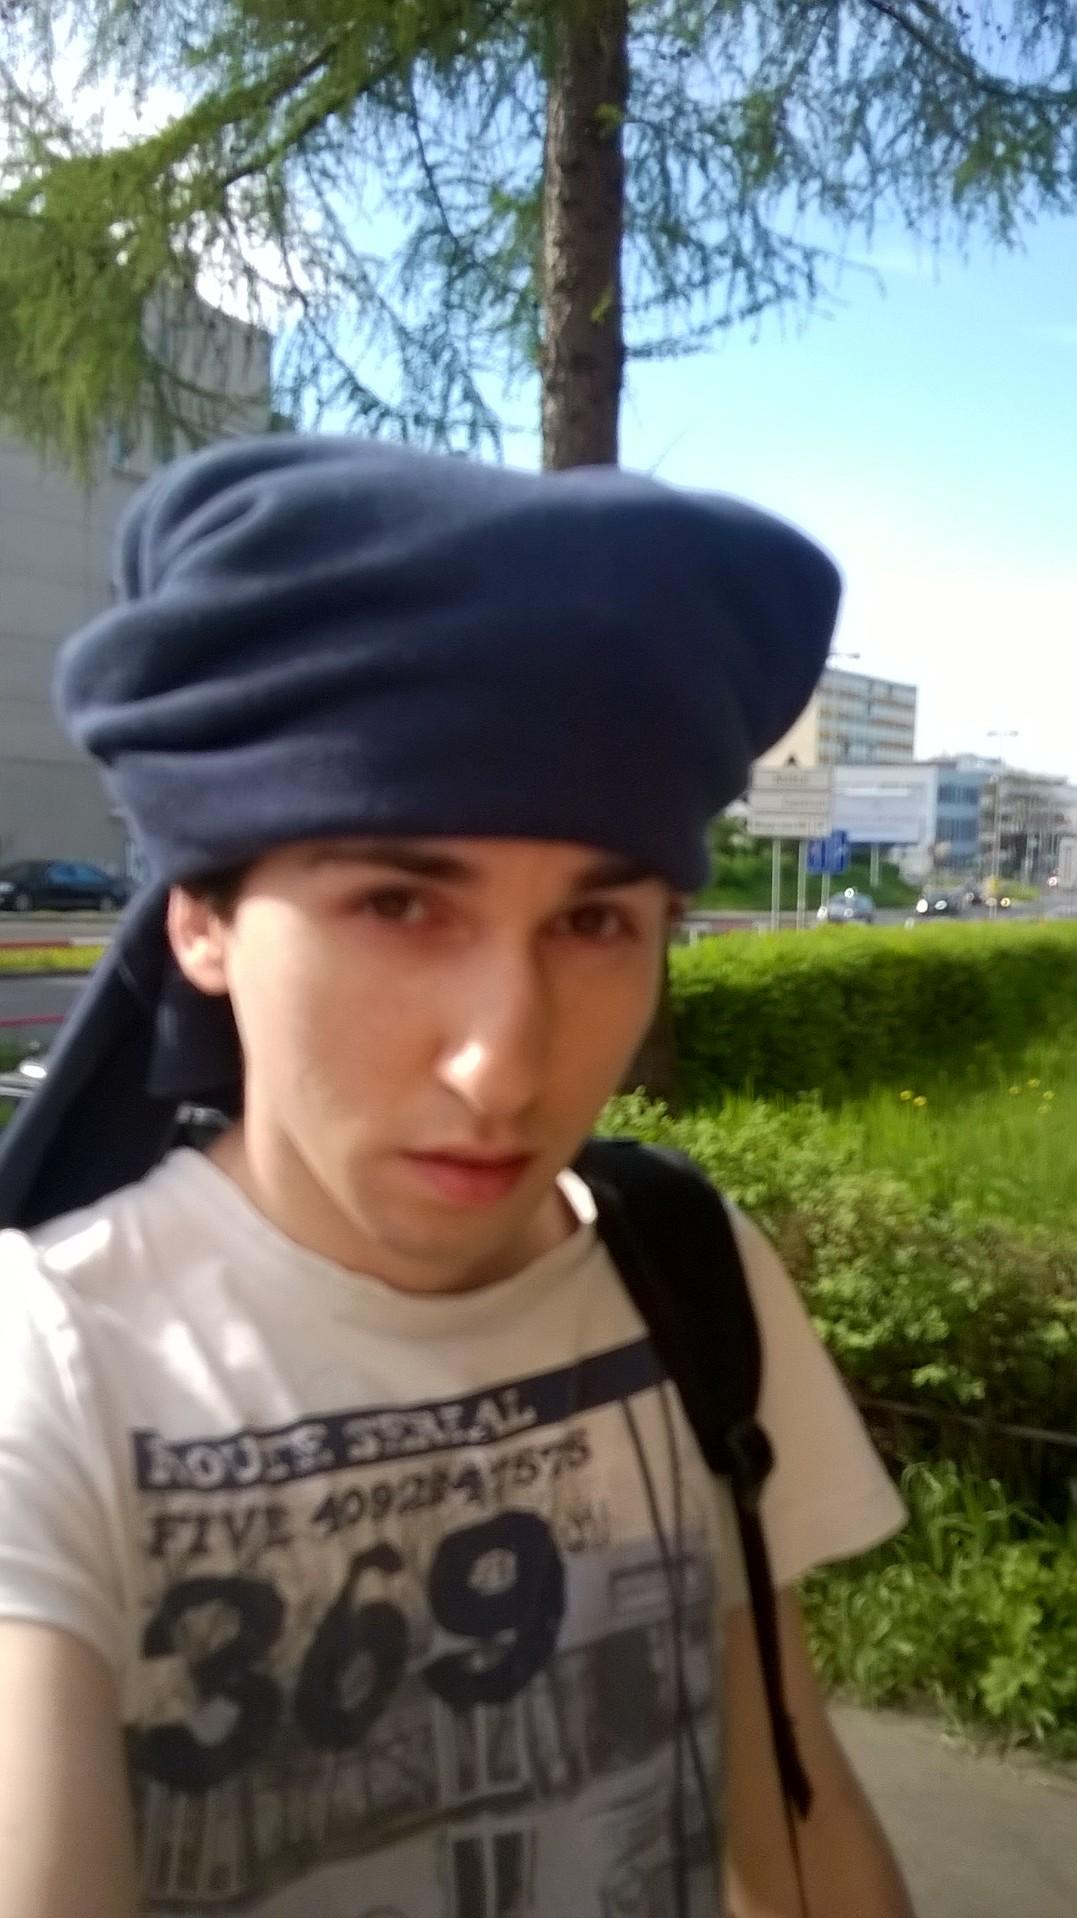 hikaru tenshin hokonono funny turban